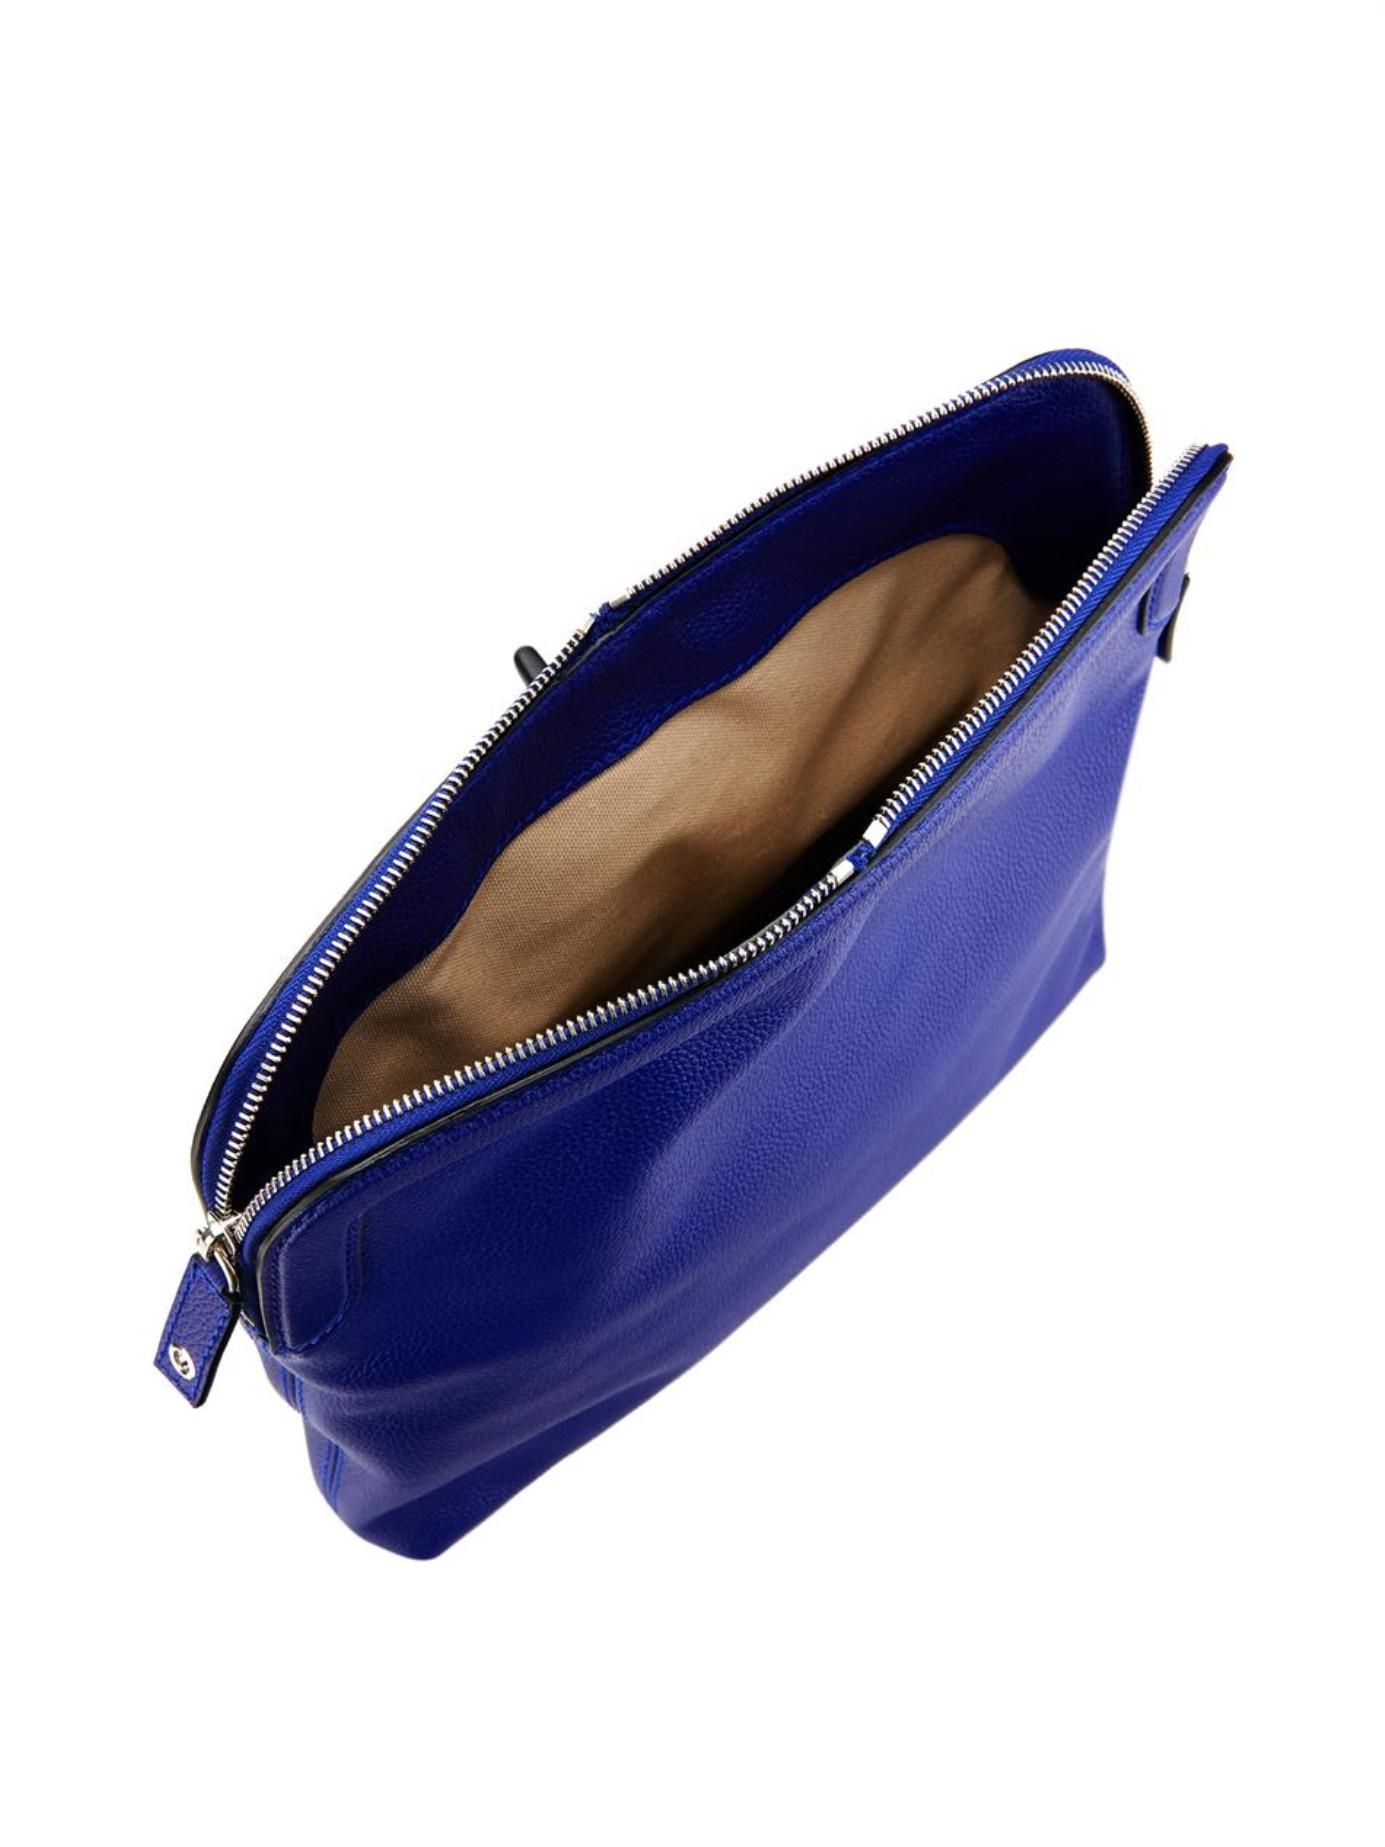 alexander mcqueen clutch purse